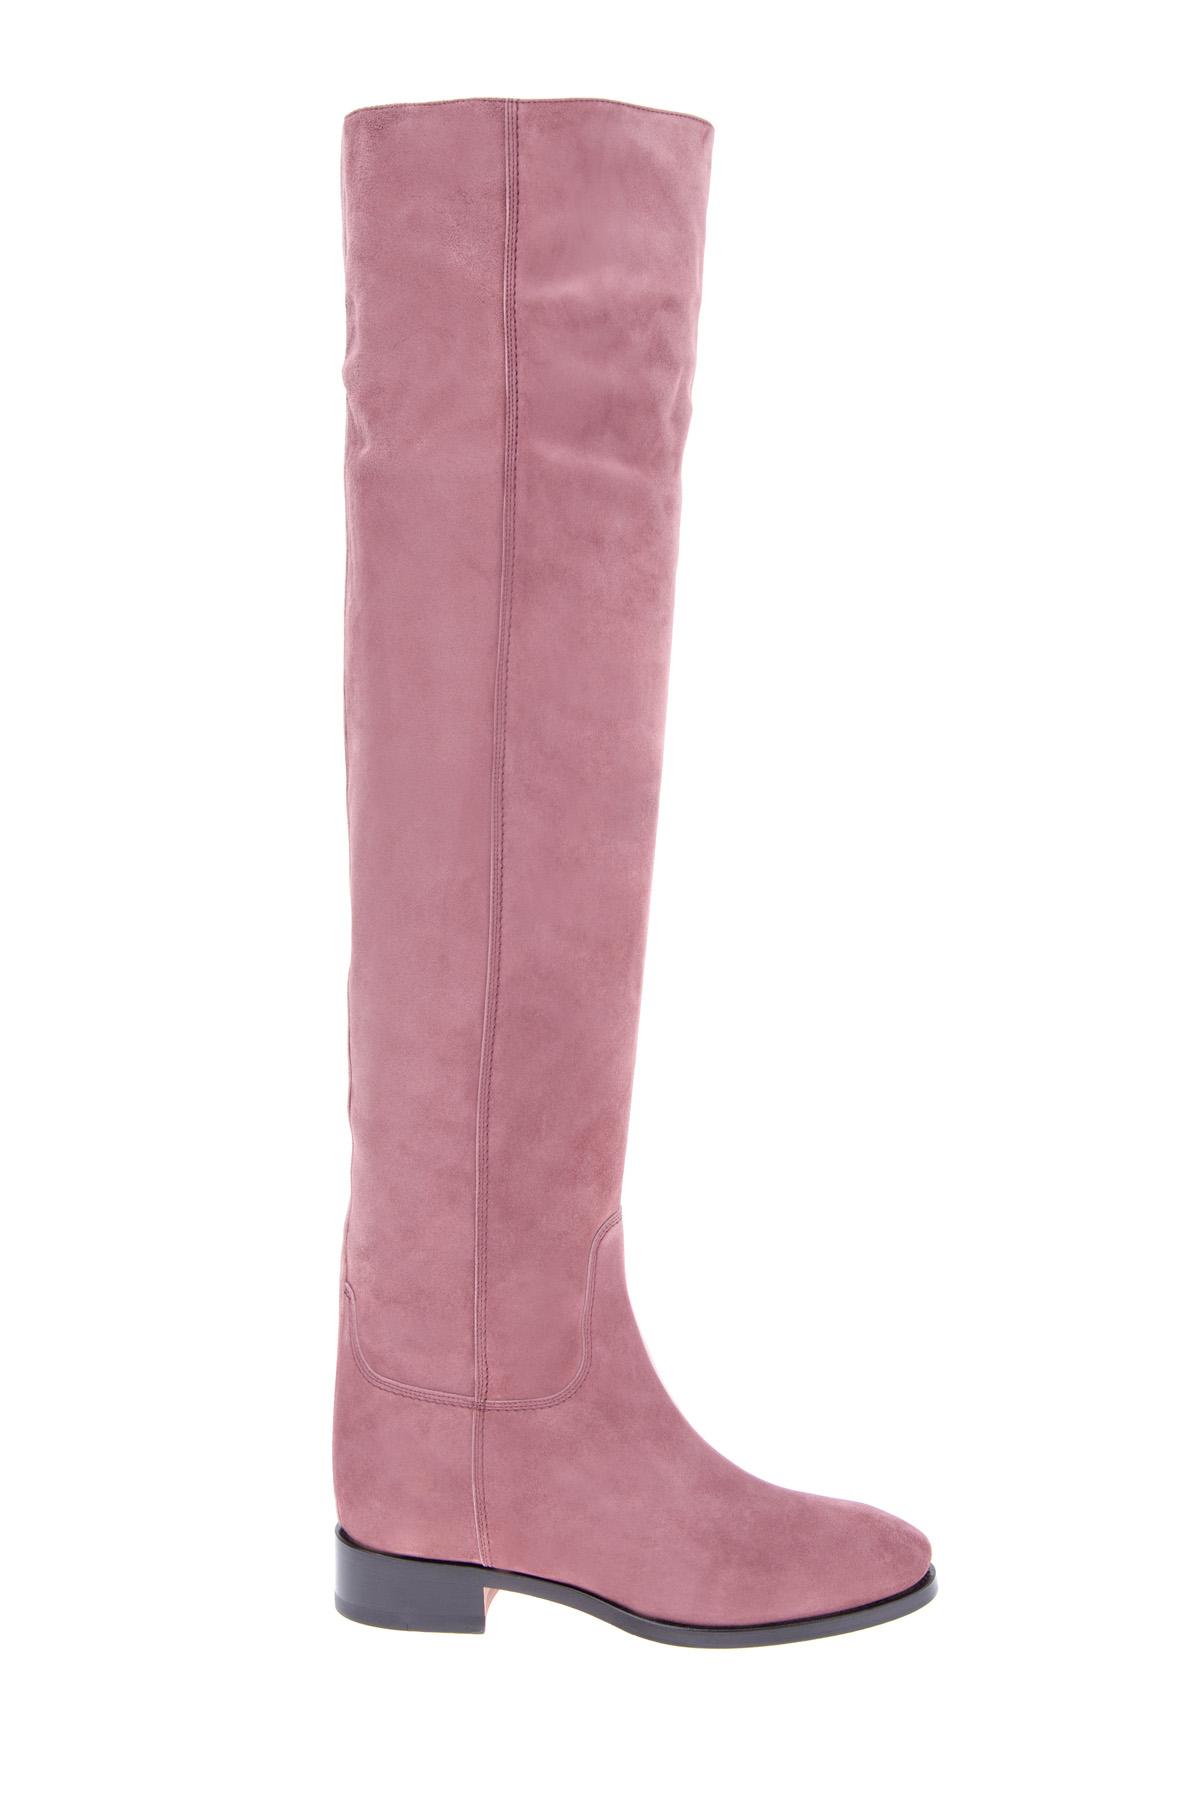 Ботфорты из замши розового тона с плотной контрастной подошвой